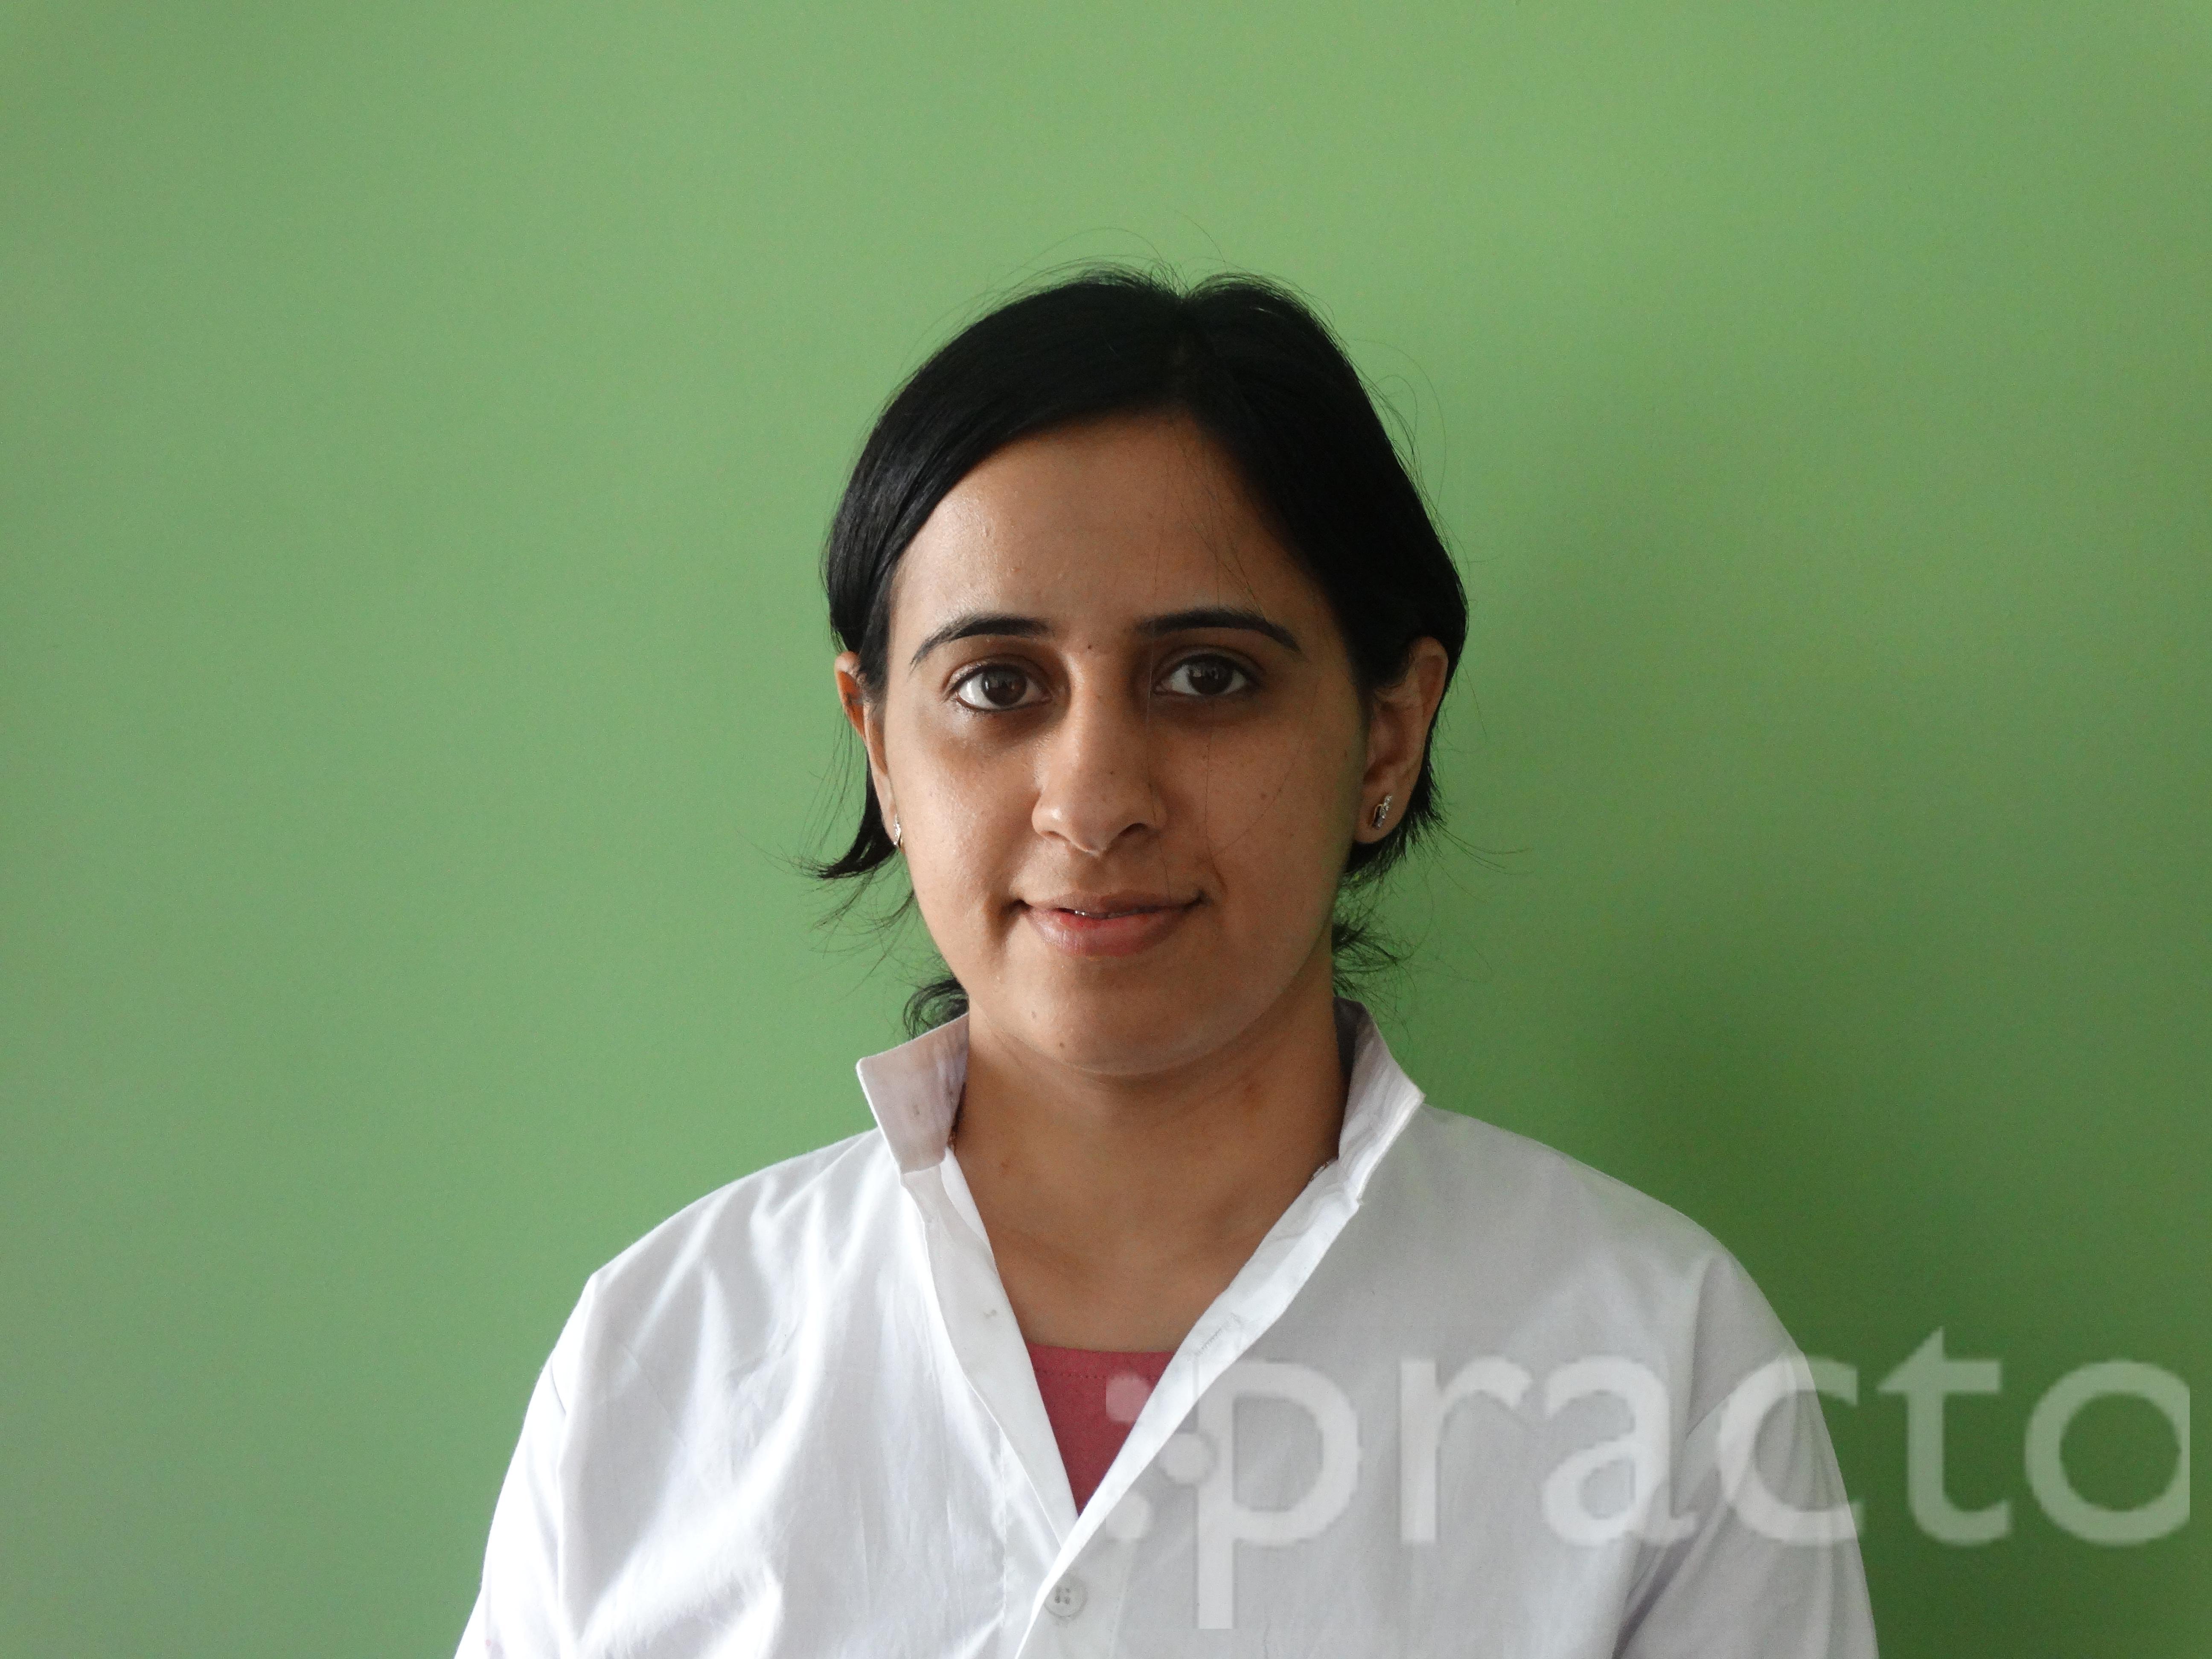 Dr. Laxmi Arora - Dentist